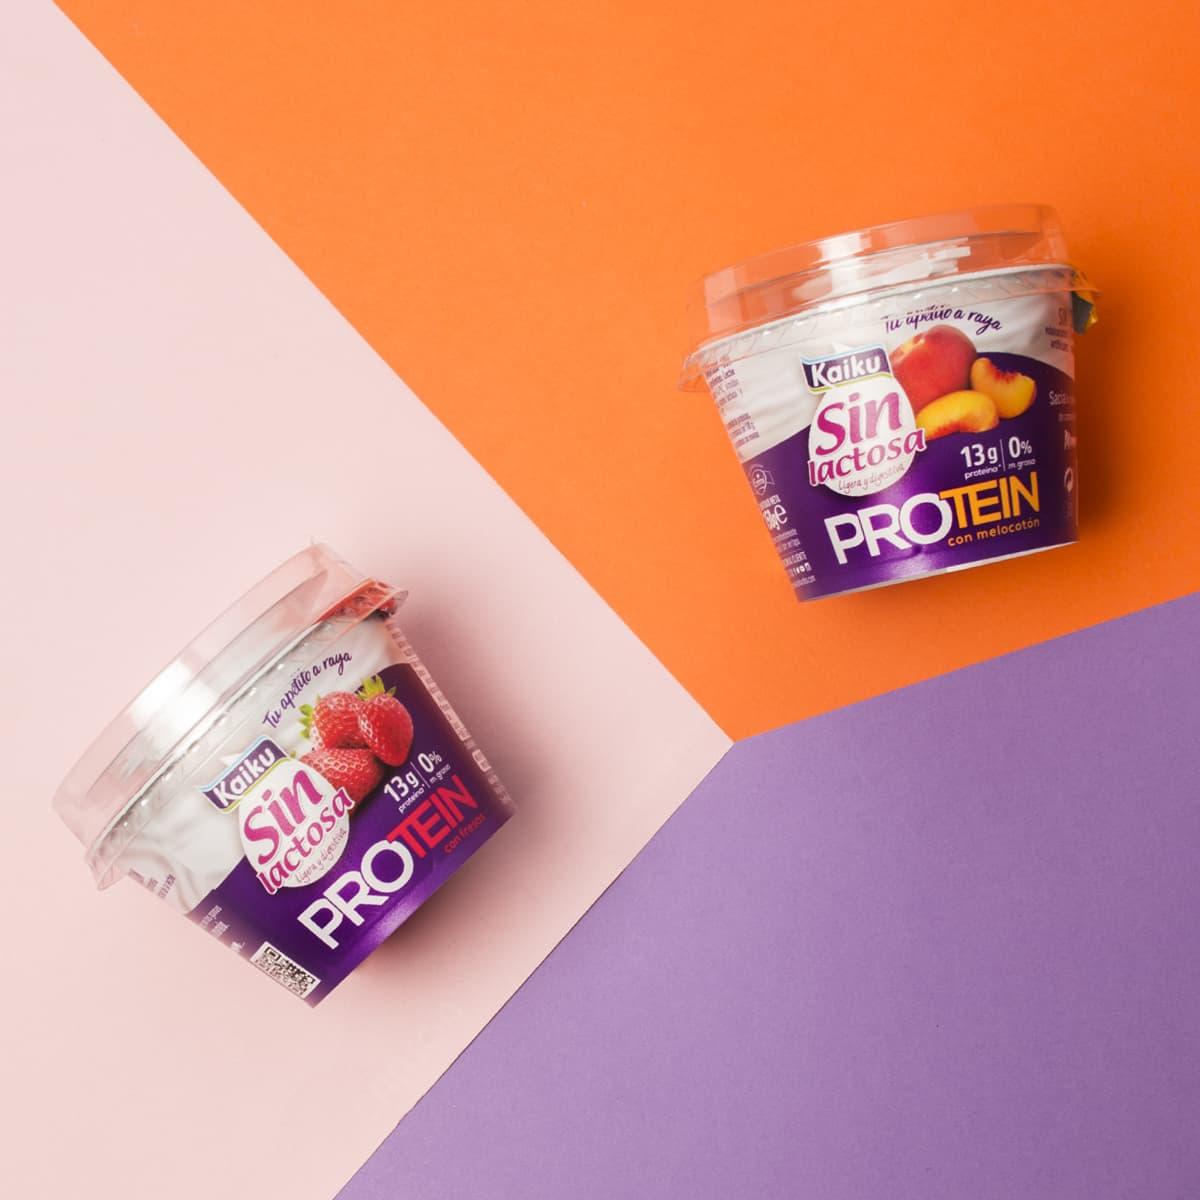 Kaiku Sin Lactosa Protein, yogurt sin lactosa